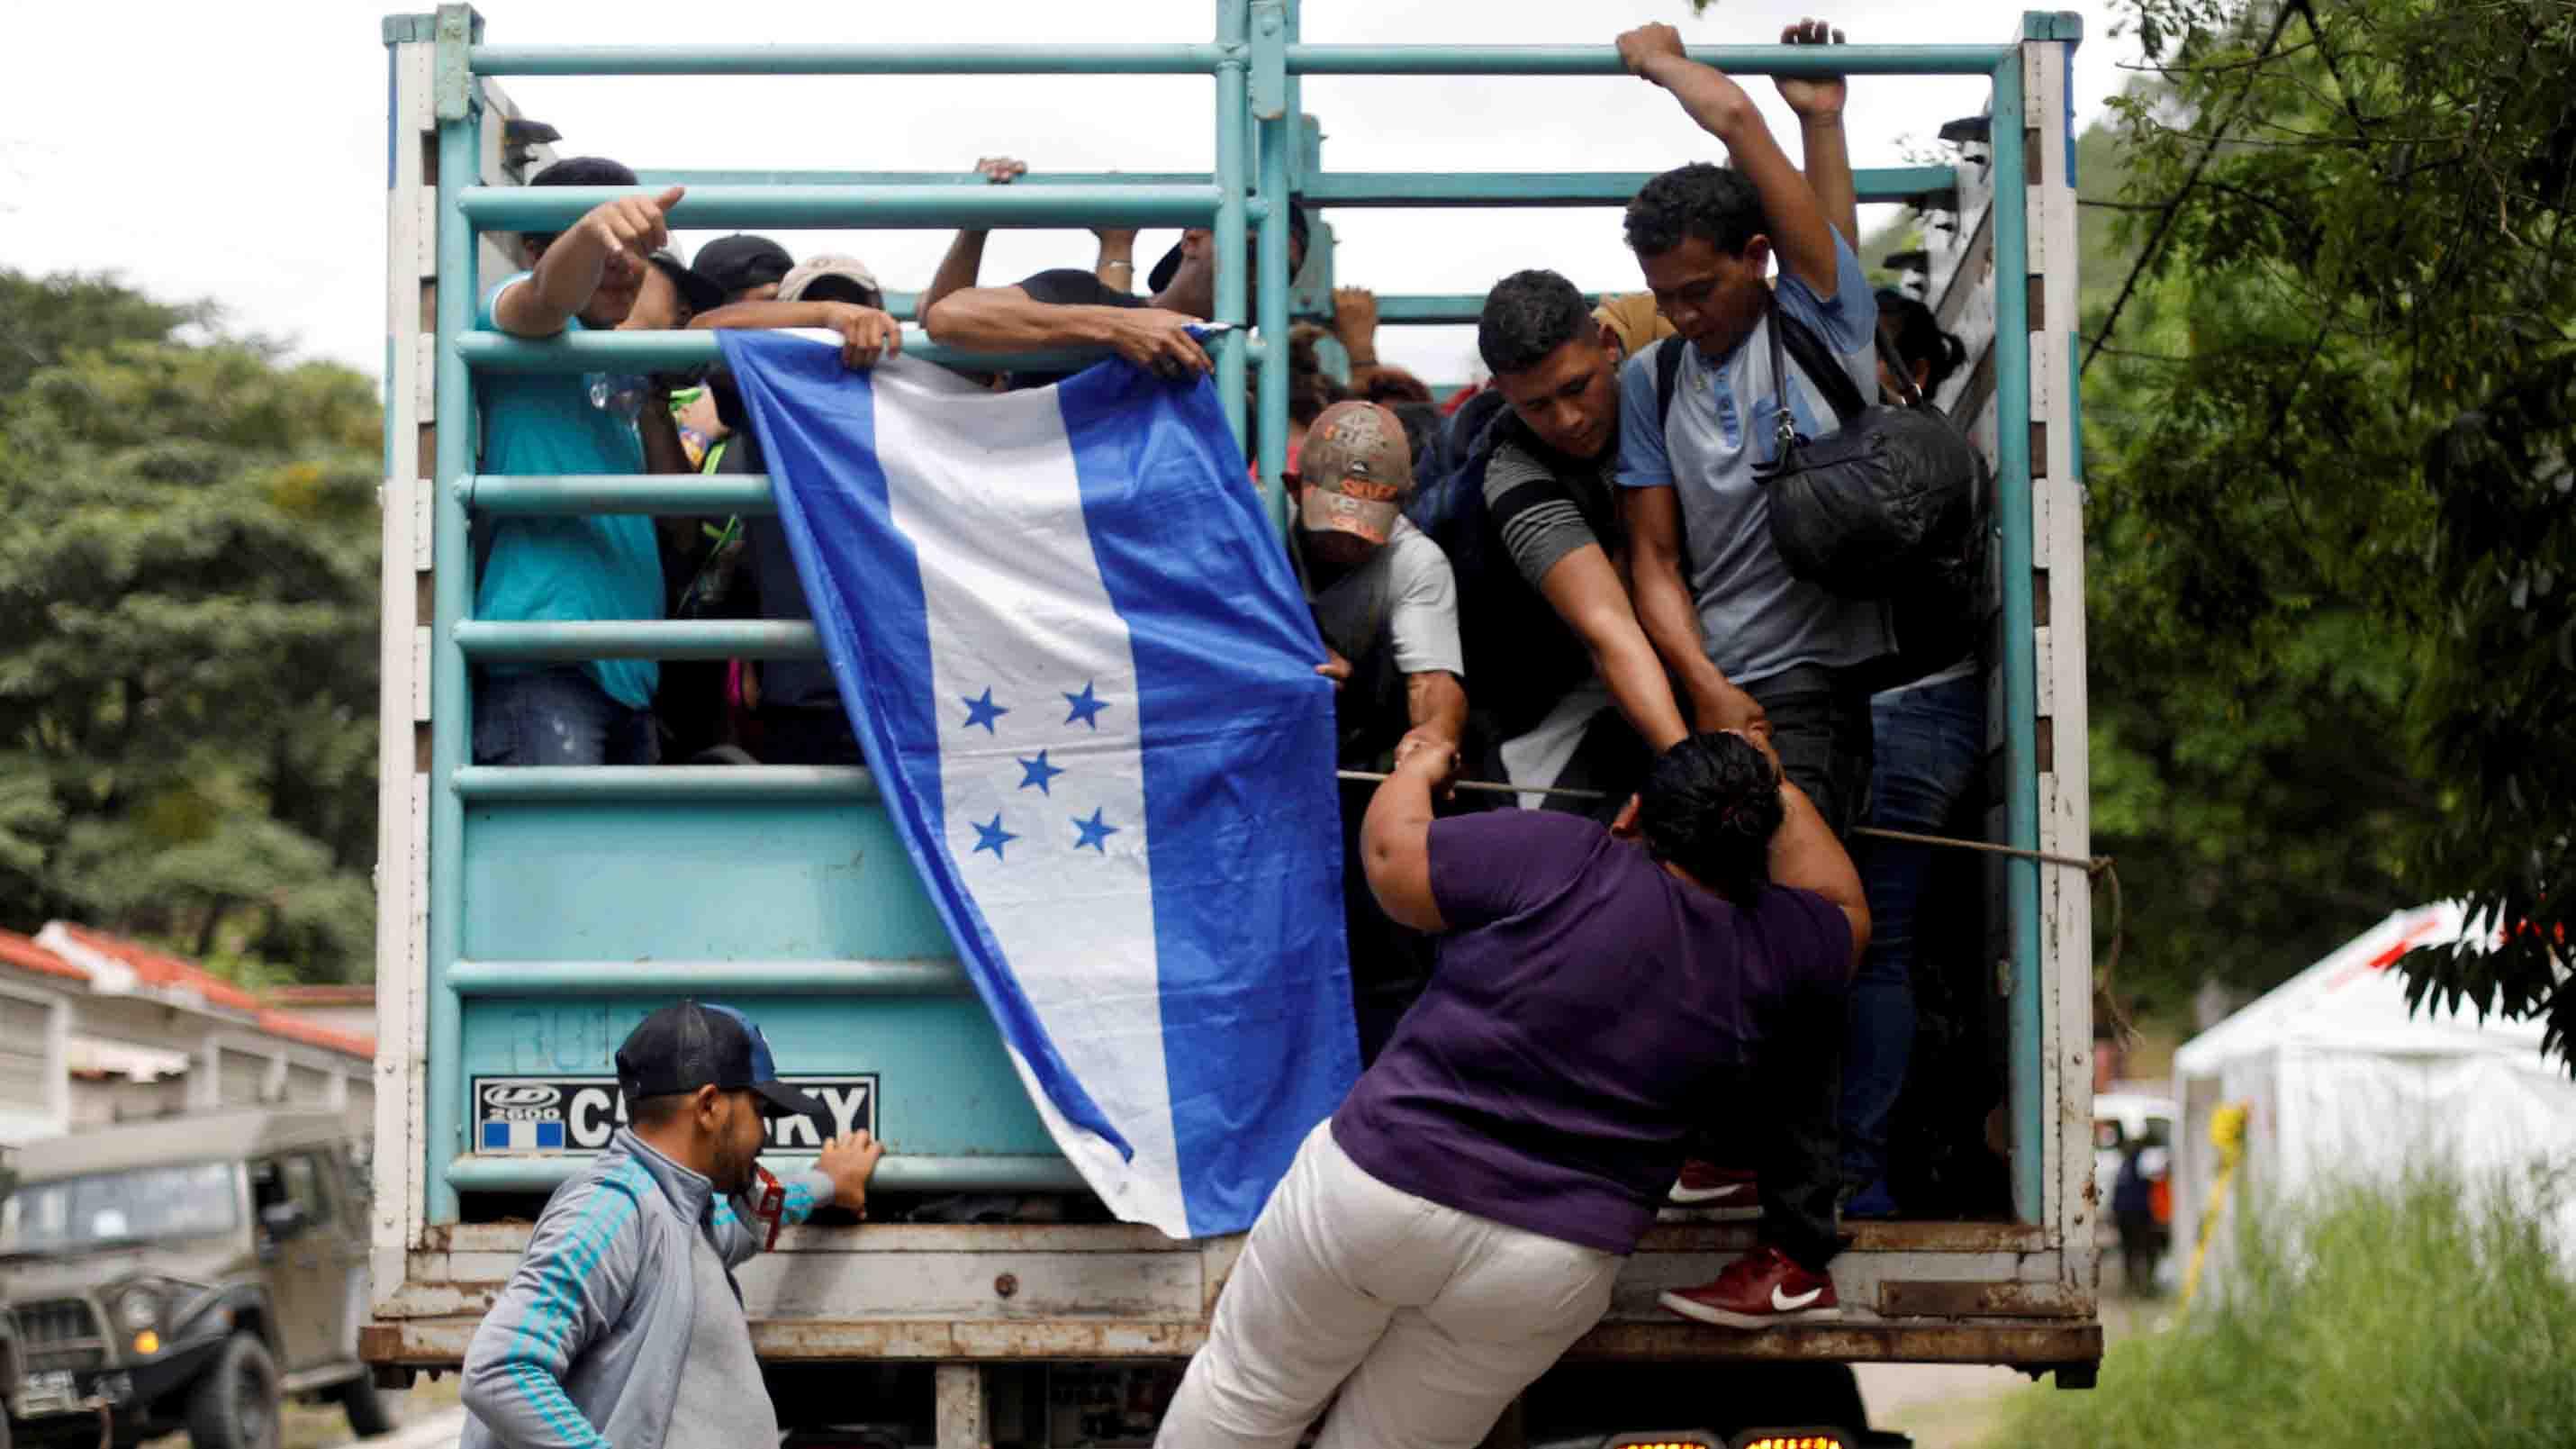 La agencia para los refugiados exhortó a los países por los que atraviesa la caravana de migrantes hondureños a brindarles ayuda